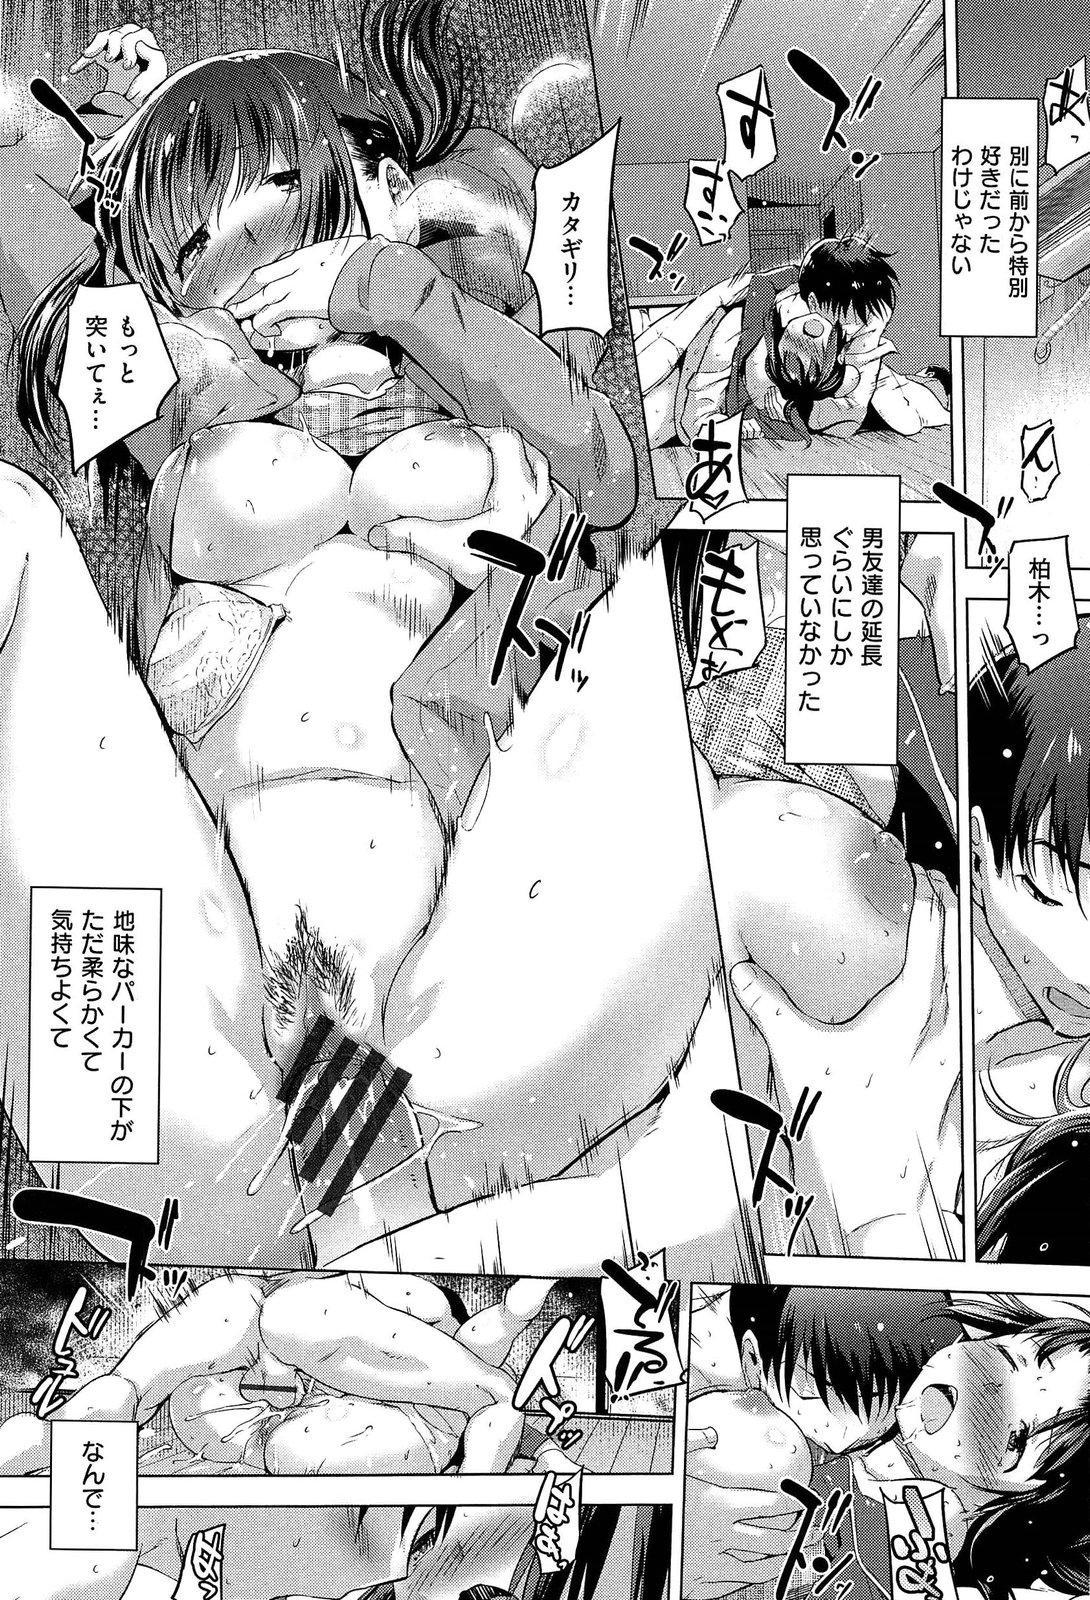 Hatsukoi Swap 23